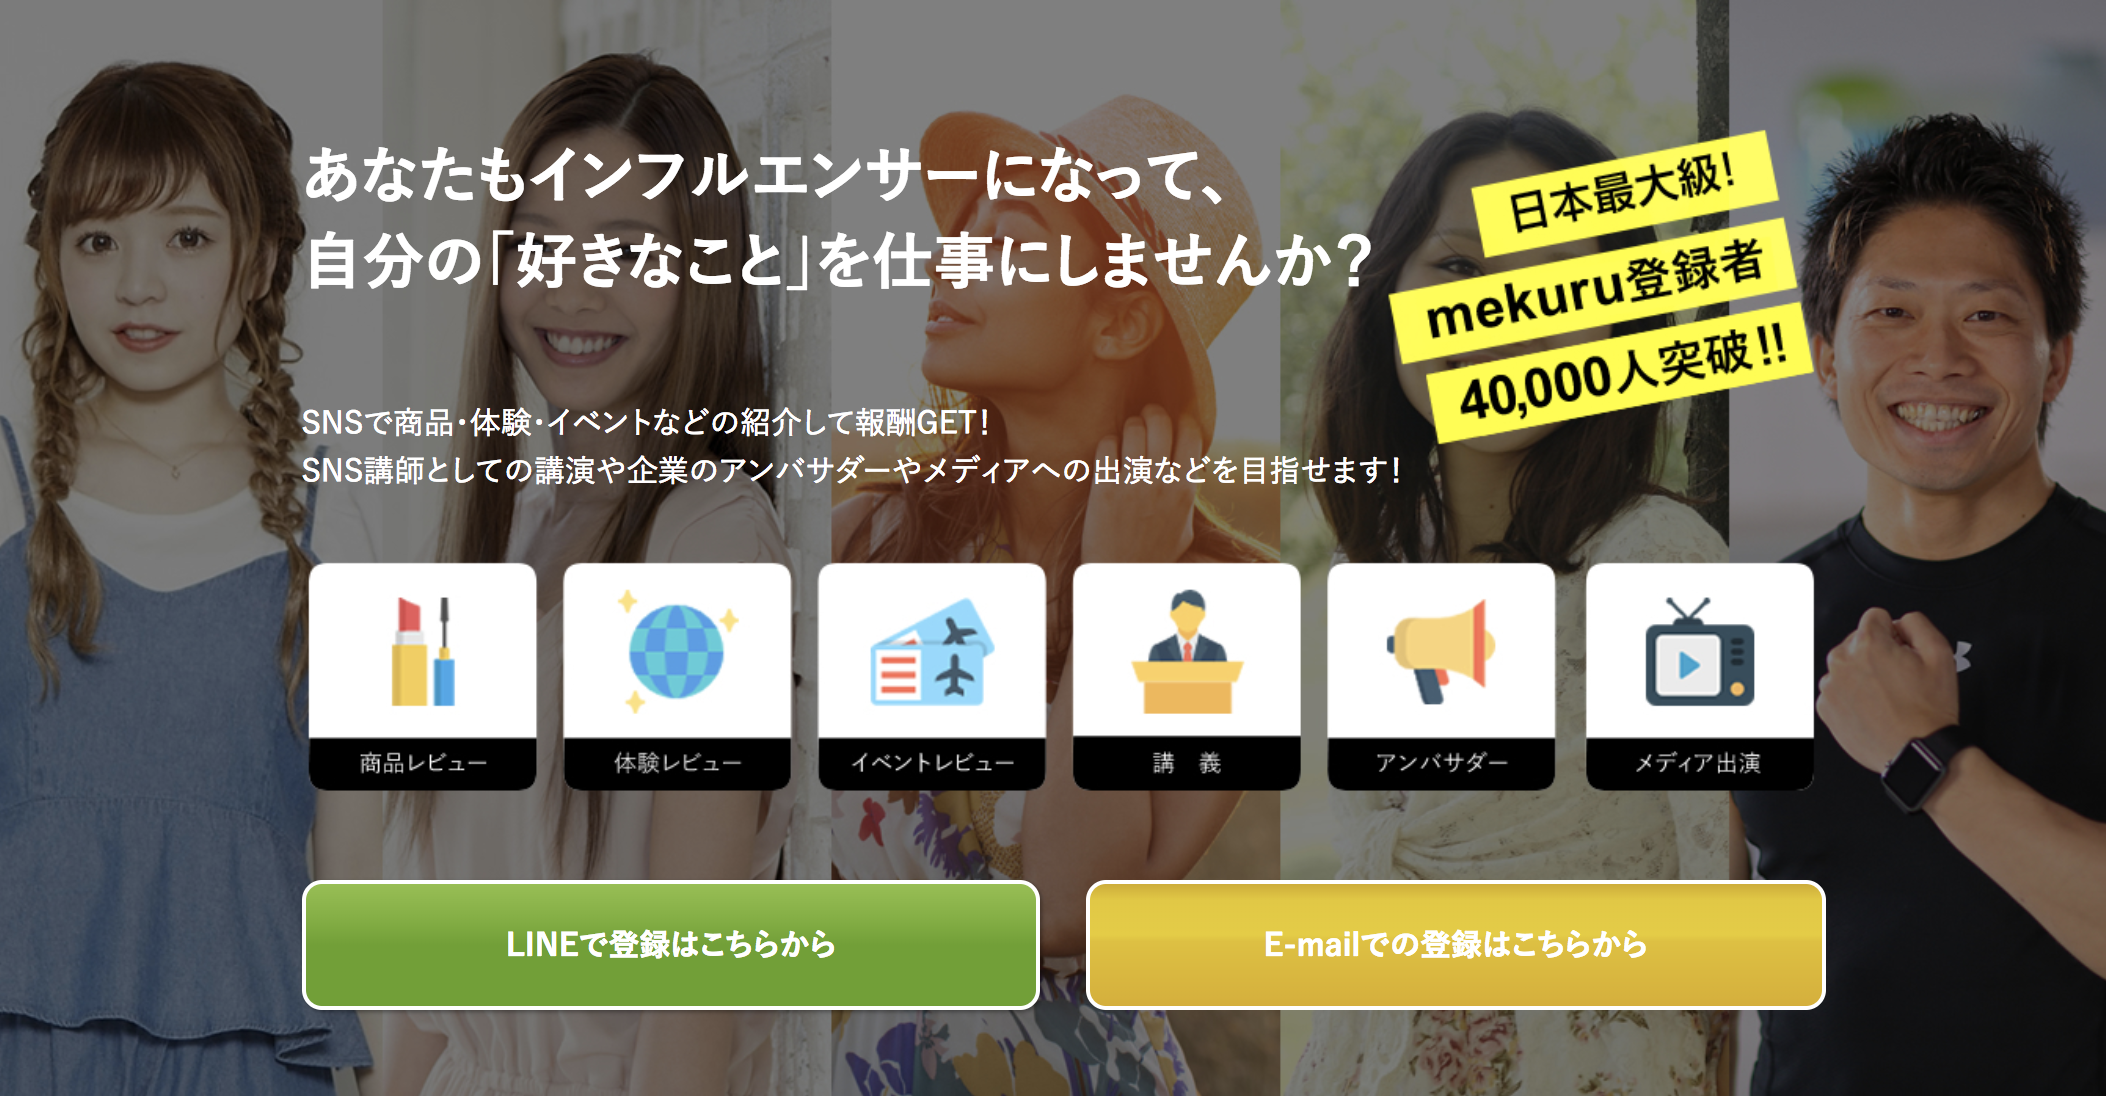 働き方改革時代の新サービス、「mekuru」を正式リリースします。